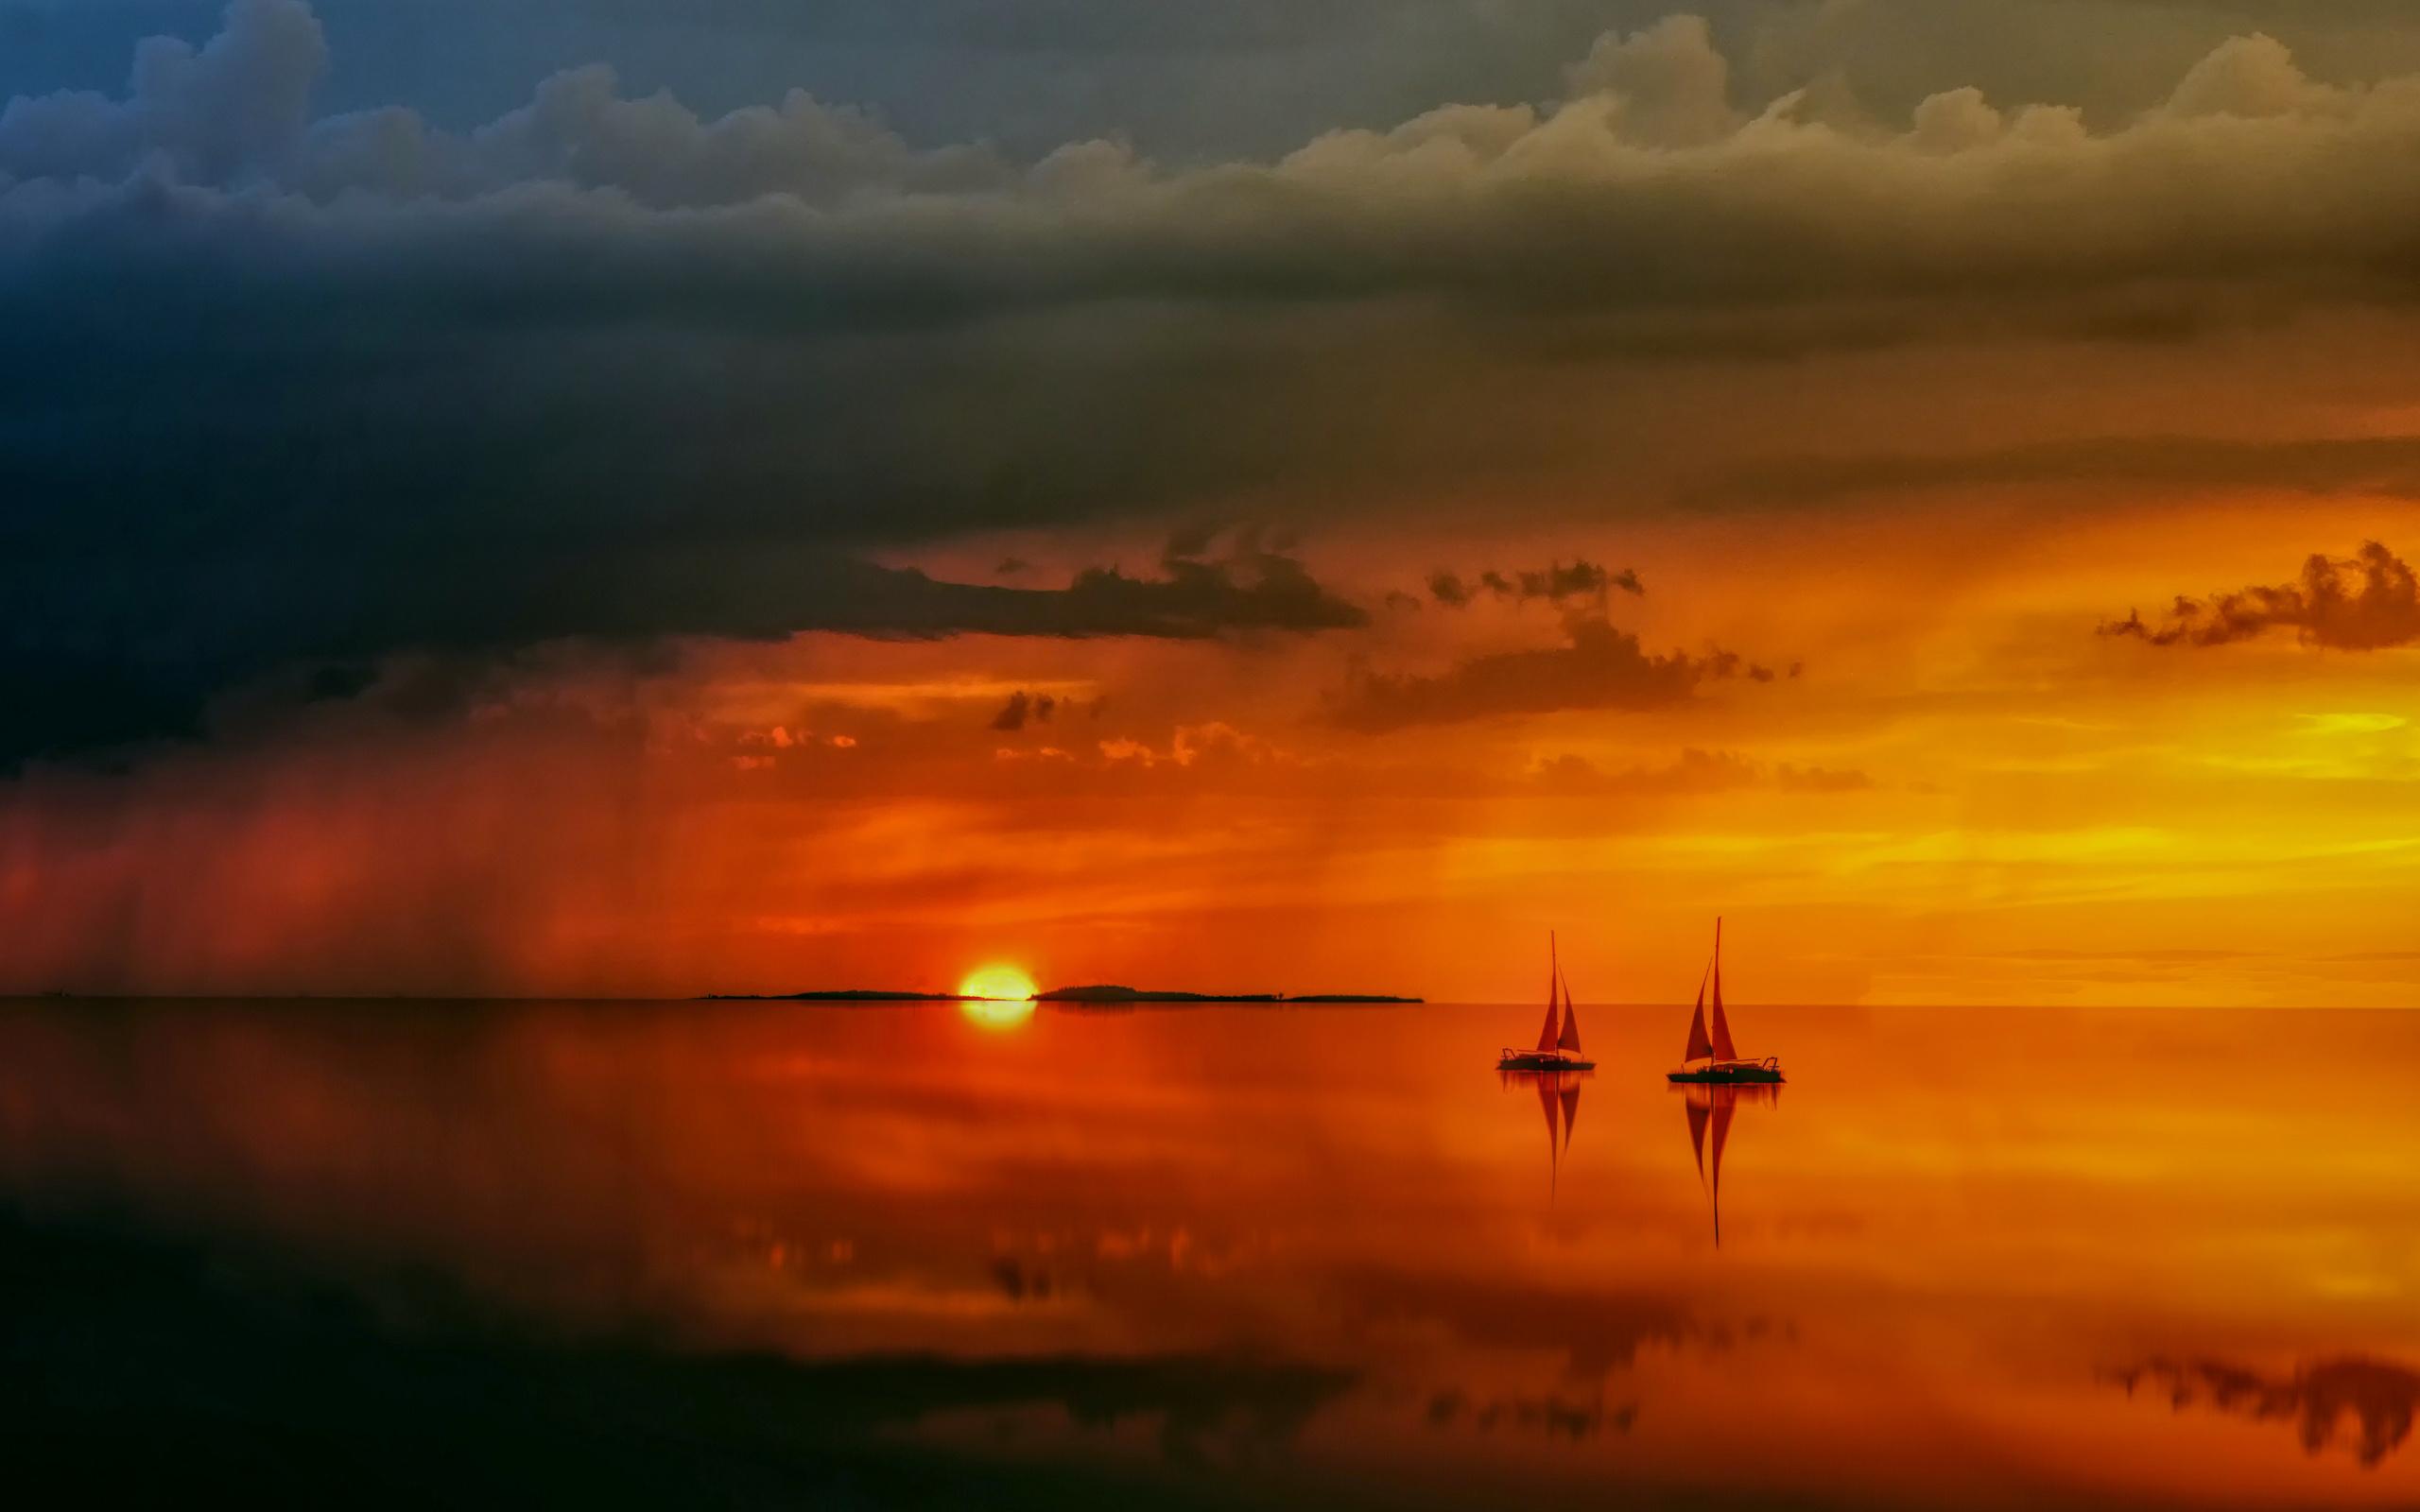 пейзаж, океан, заря, яхты, небо